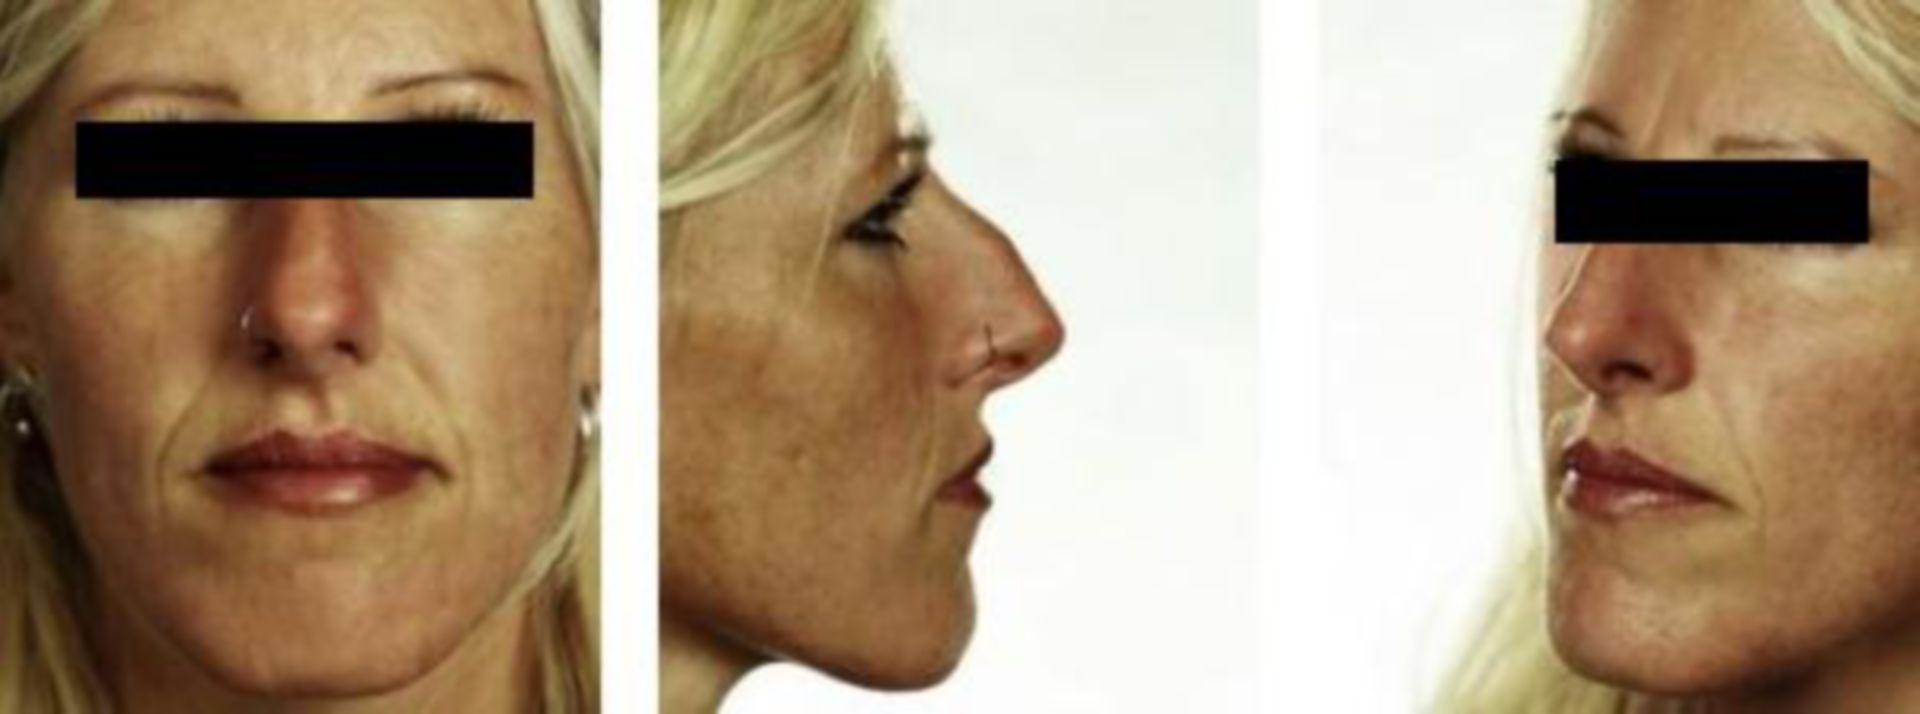 Vor Nasenkorrektur